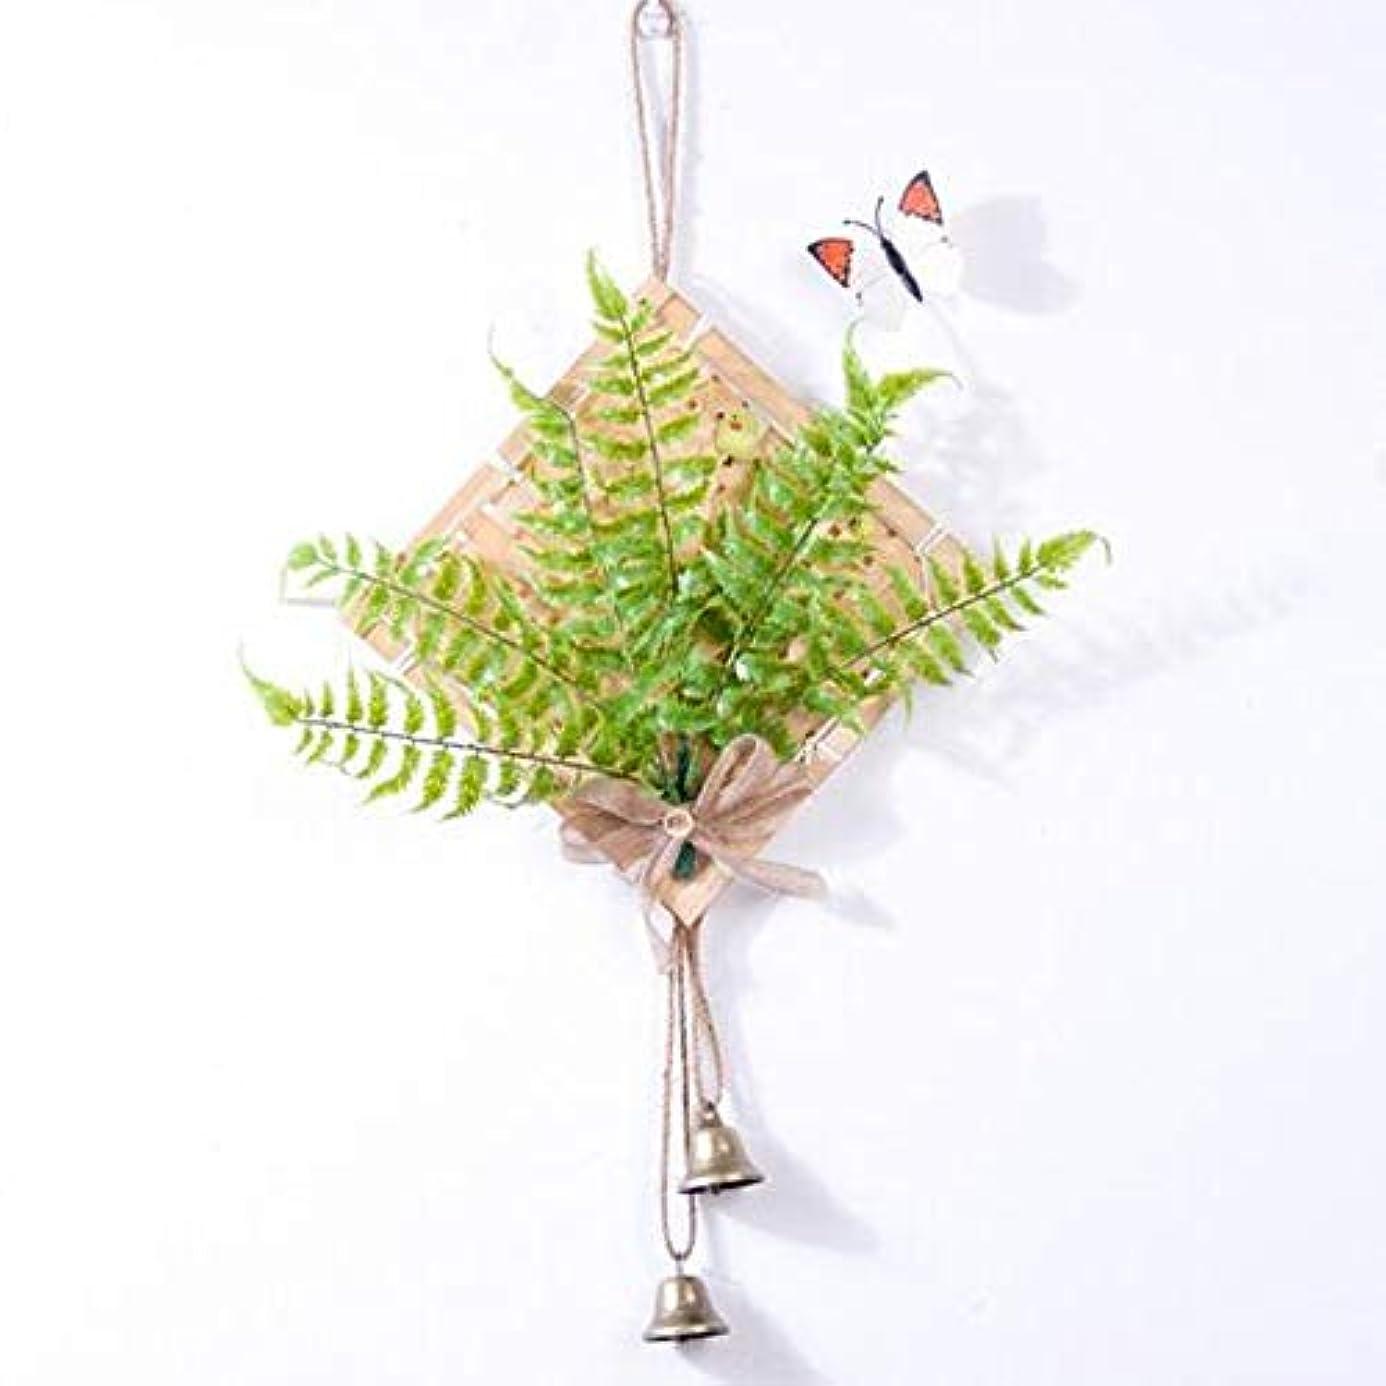 実業家トランスミッション色合いChengjinxiang 風チャイム、クリエイティブ?竹風チャイム、白、幅28.5cmくらい,クリエイティブギフト (Color : Green)